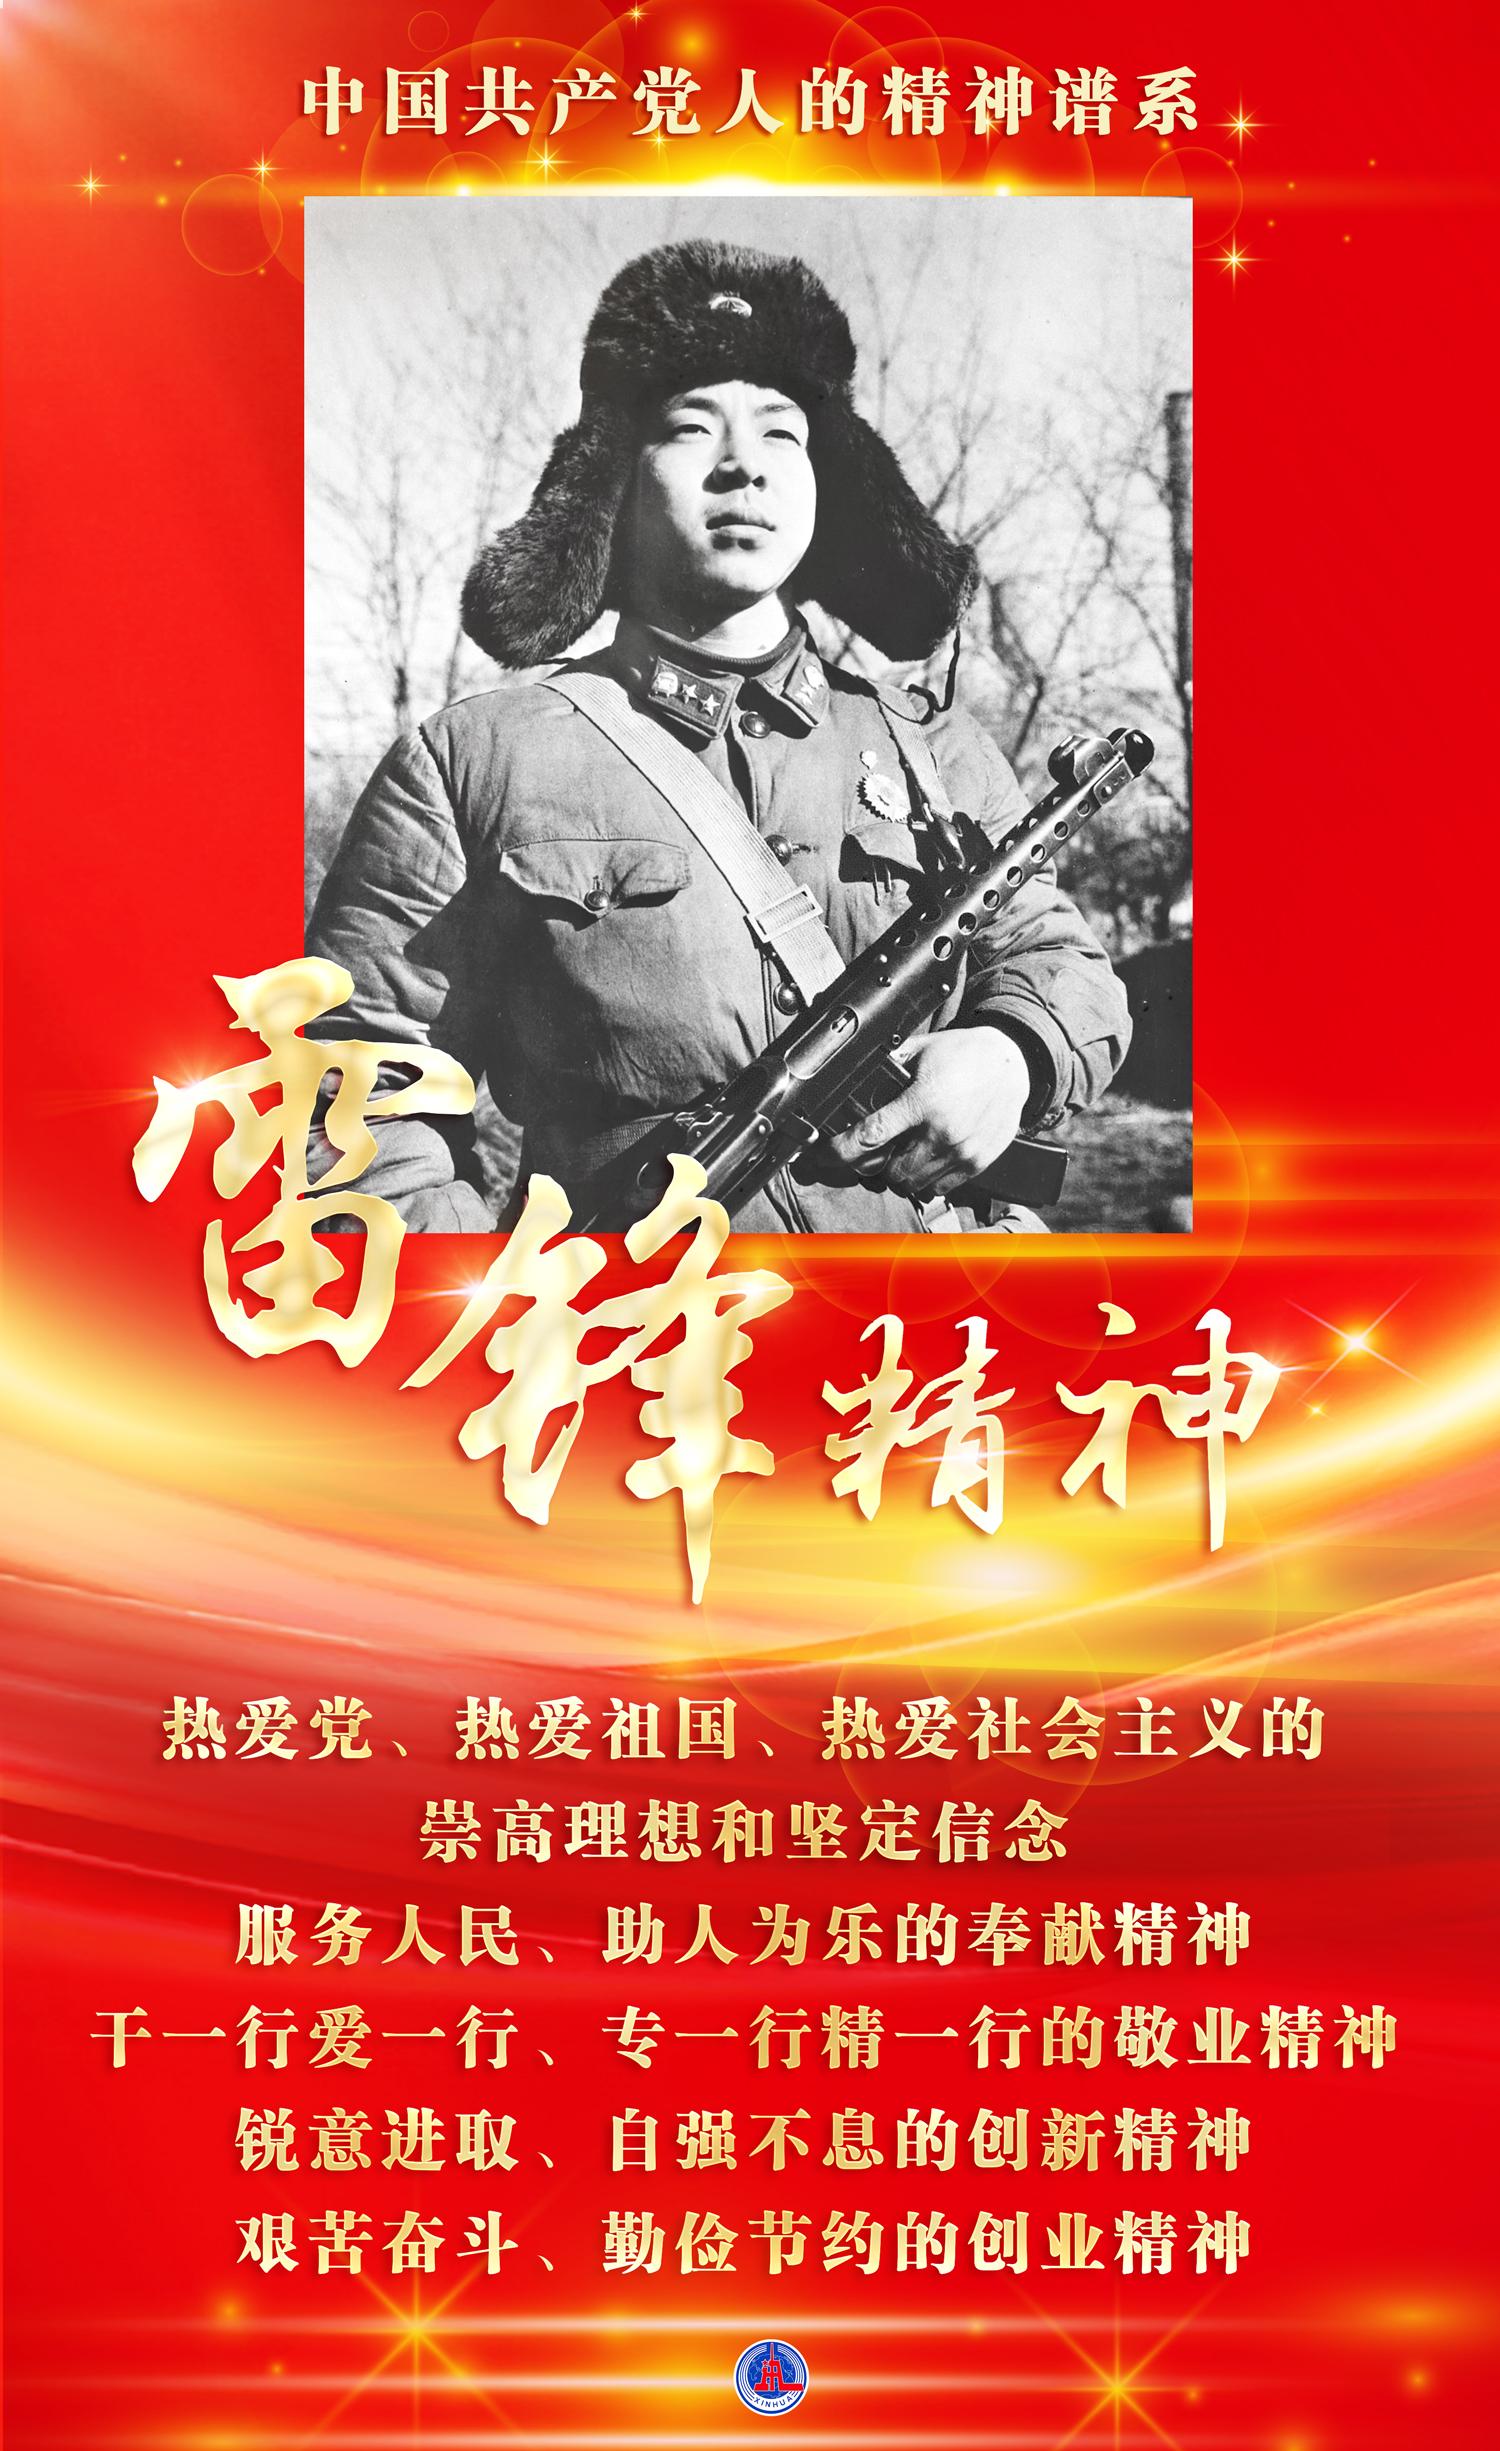 中国共产党人的精神谱系|做一颗永不生锈的螺丝钉——雷锋精神述评